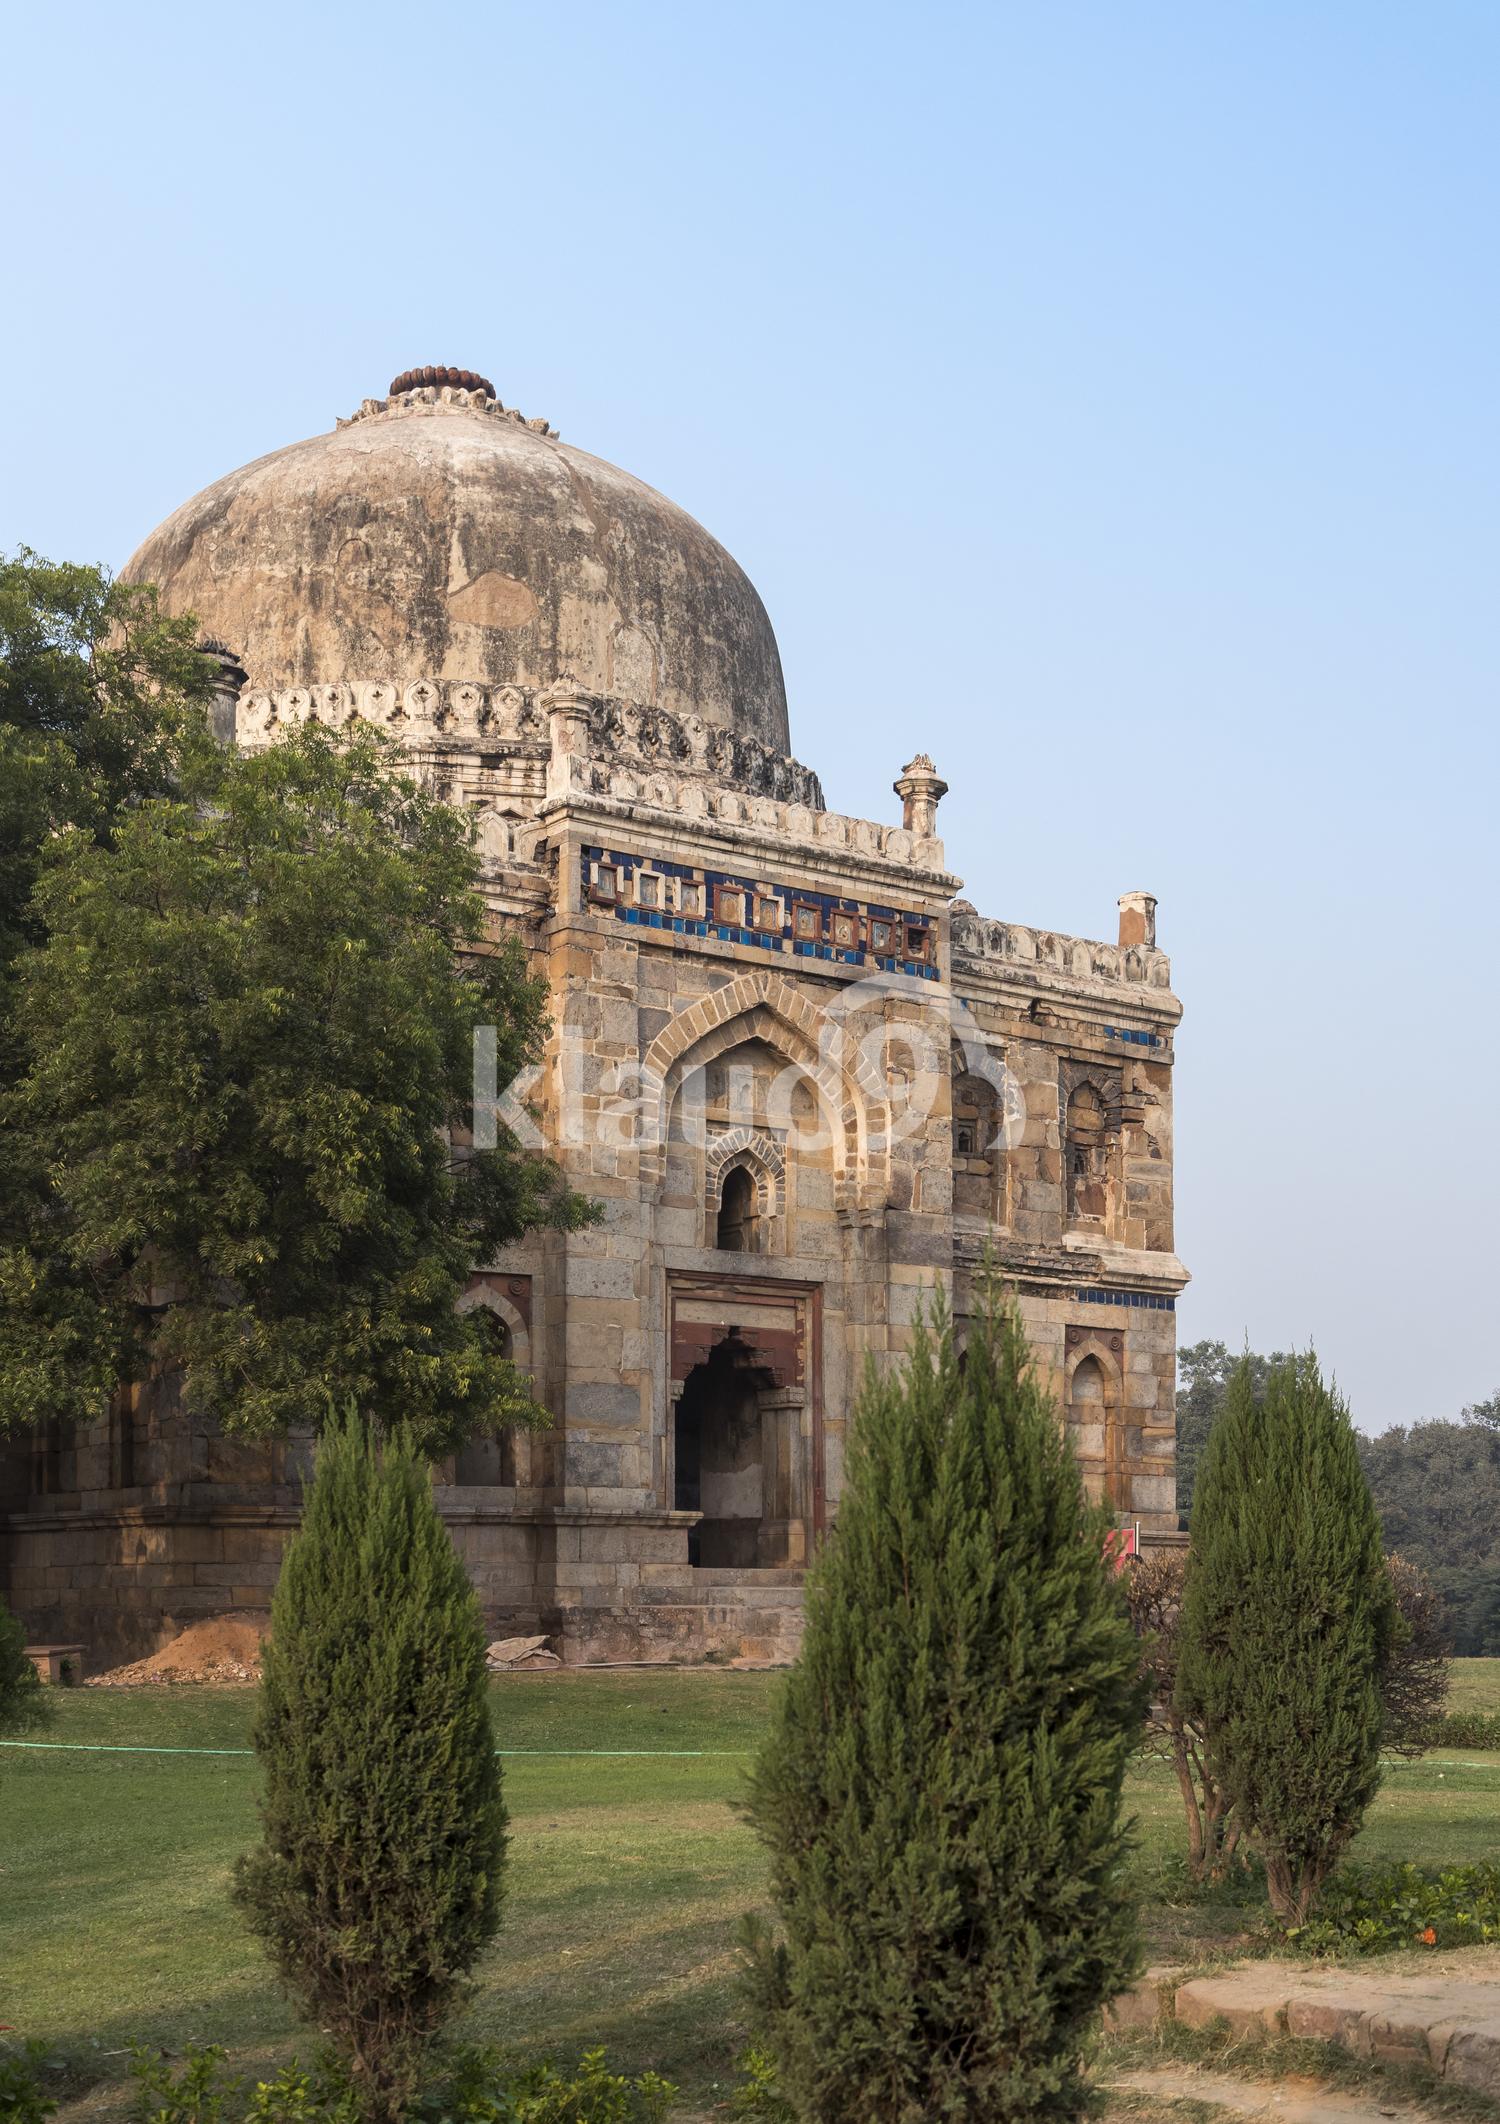 Shisha Gumbad, Lodi Garden, Delhi